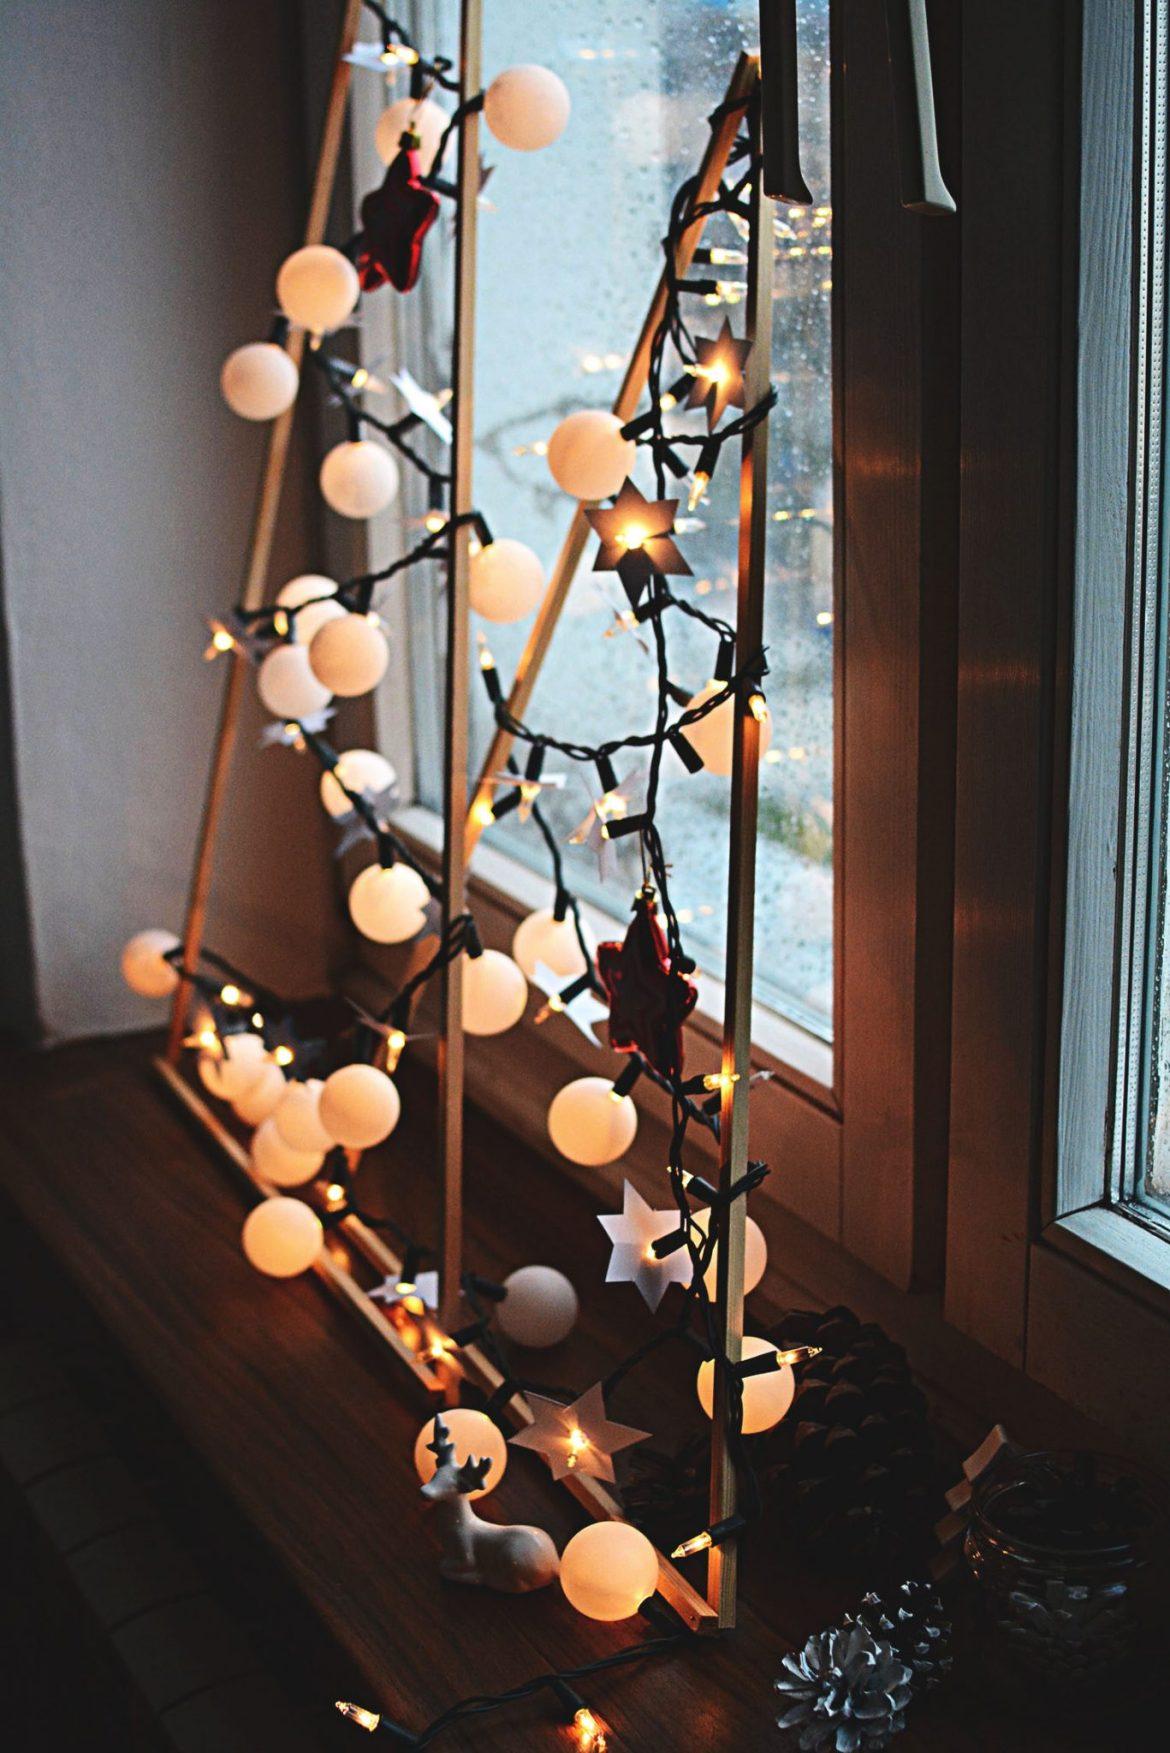 pomysly-na-dekoracje-swiateczne-z-lampkami-choinkowymi